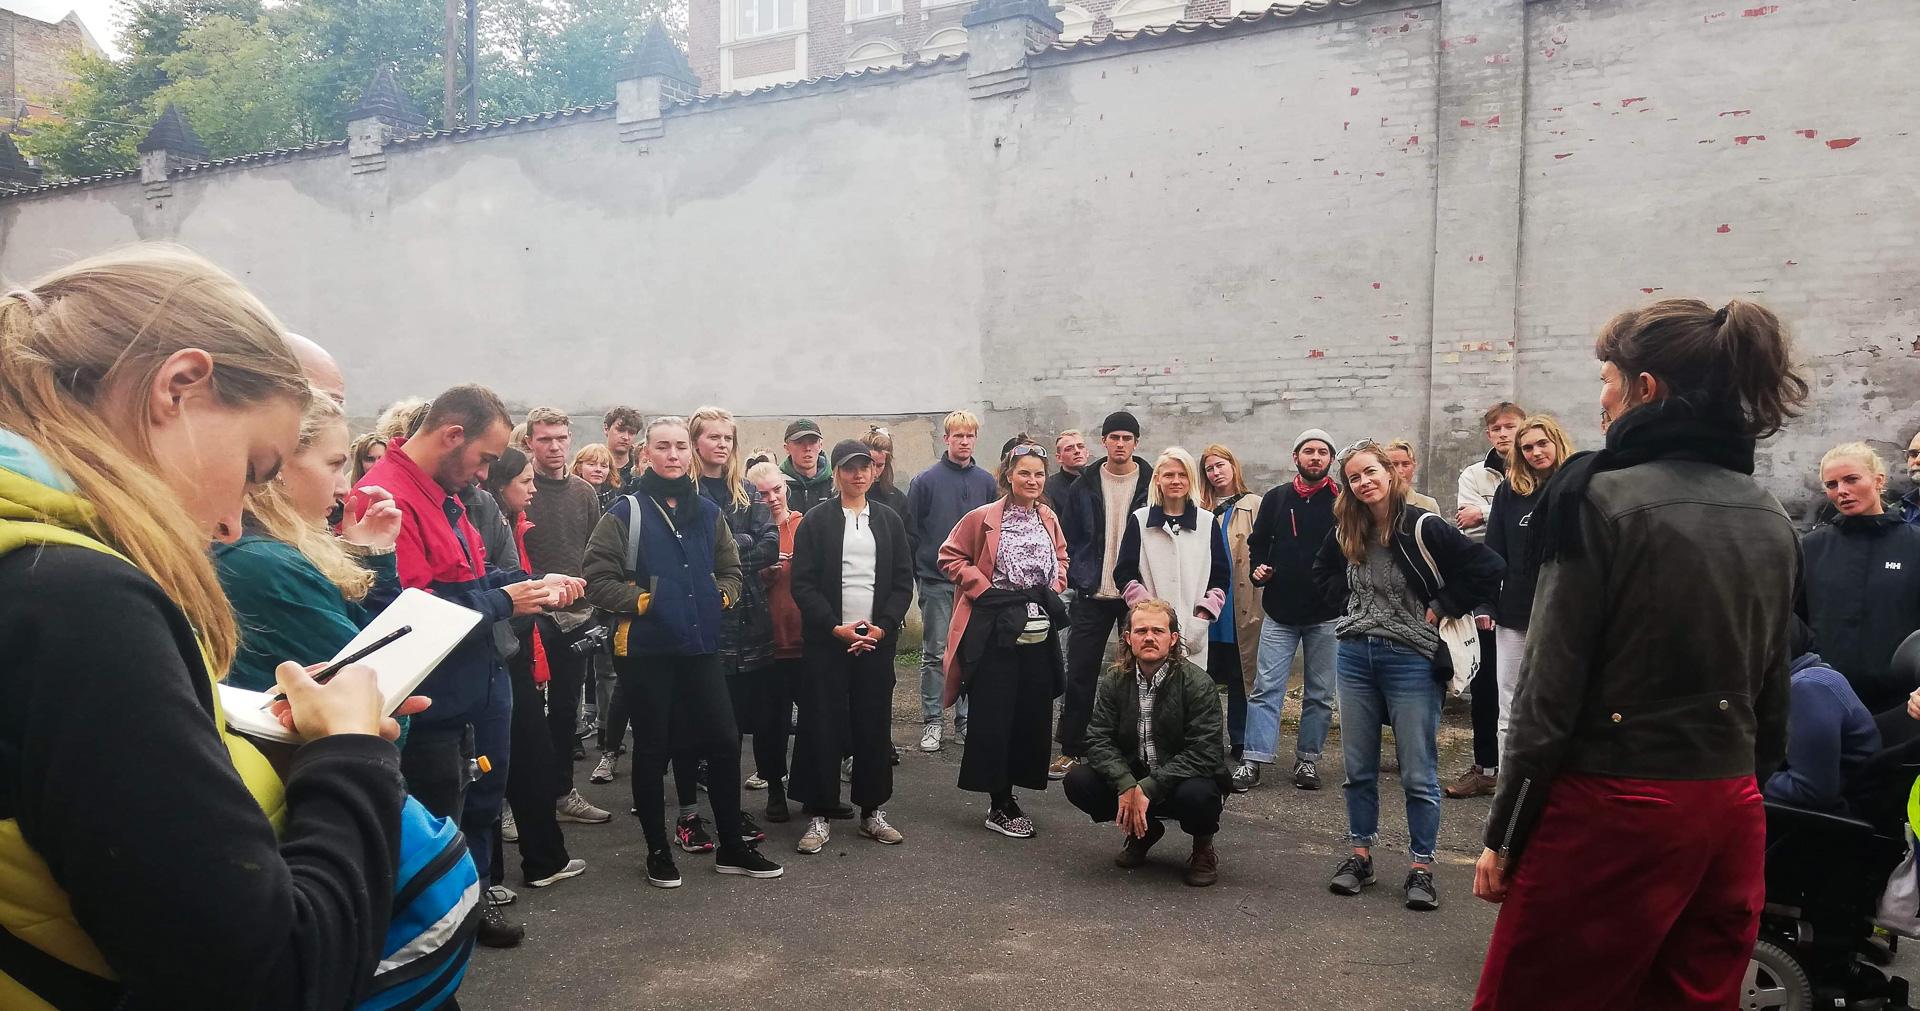 Et område i udvikling: Bylivsvandringrundt i Sydhavnen